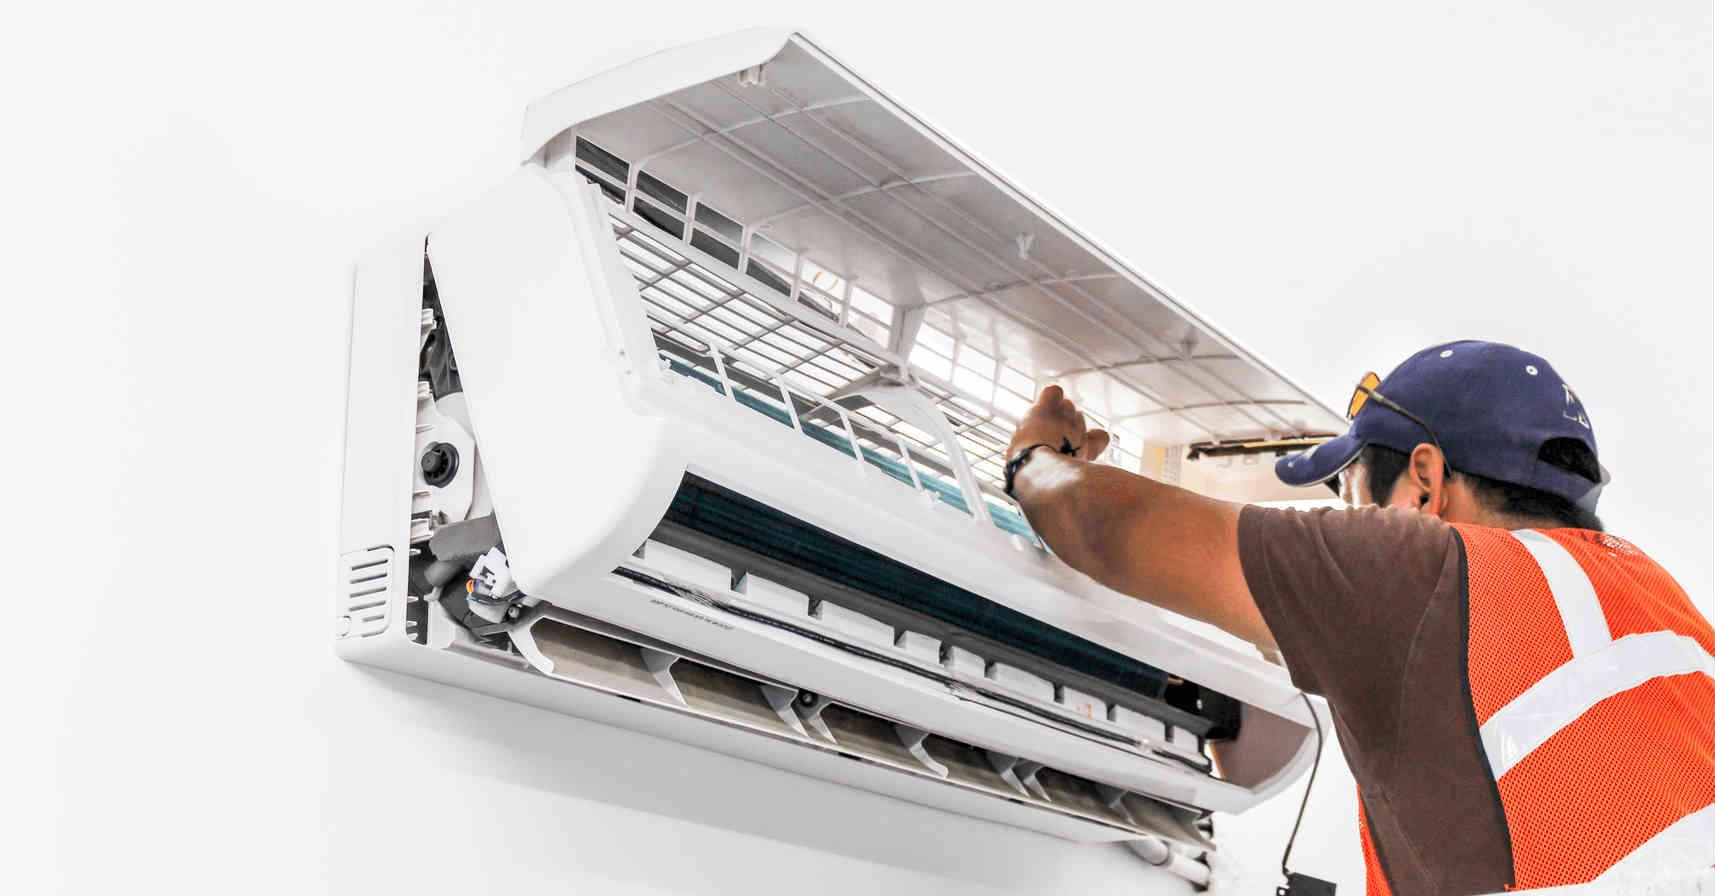 Sửa chữa máy lạnh quận Bình thạnh